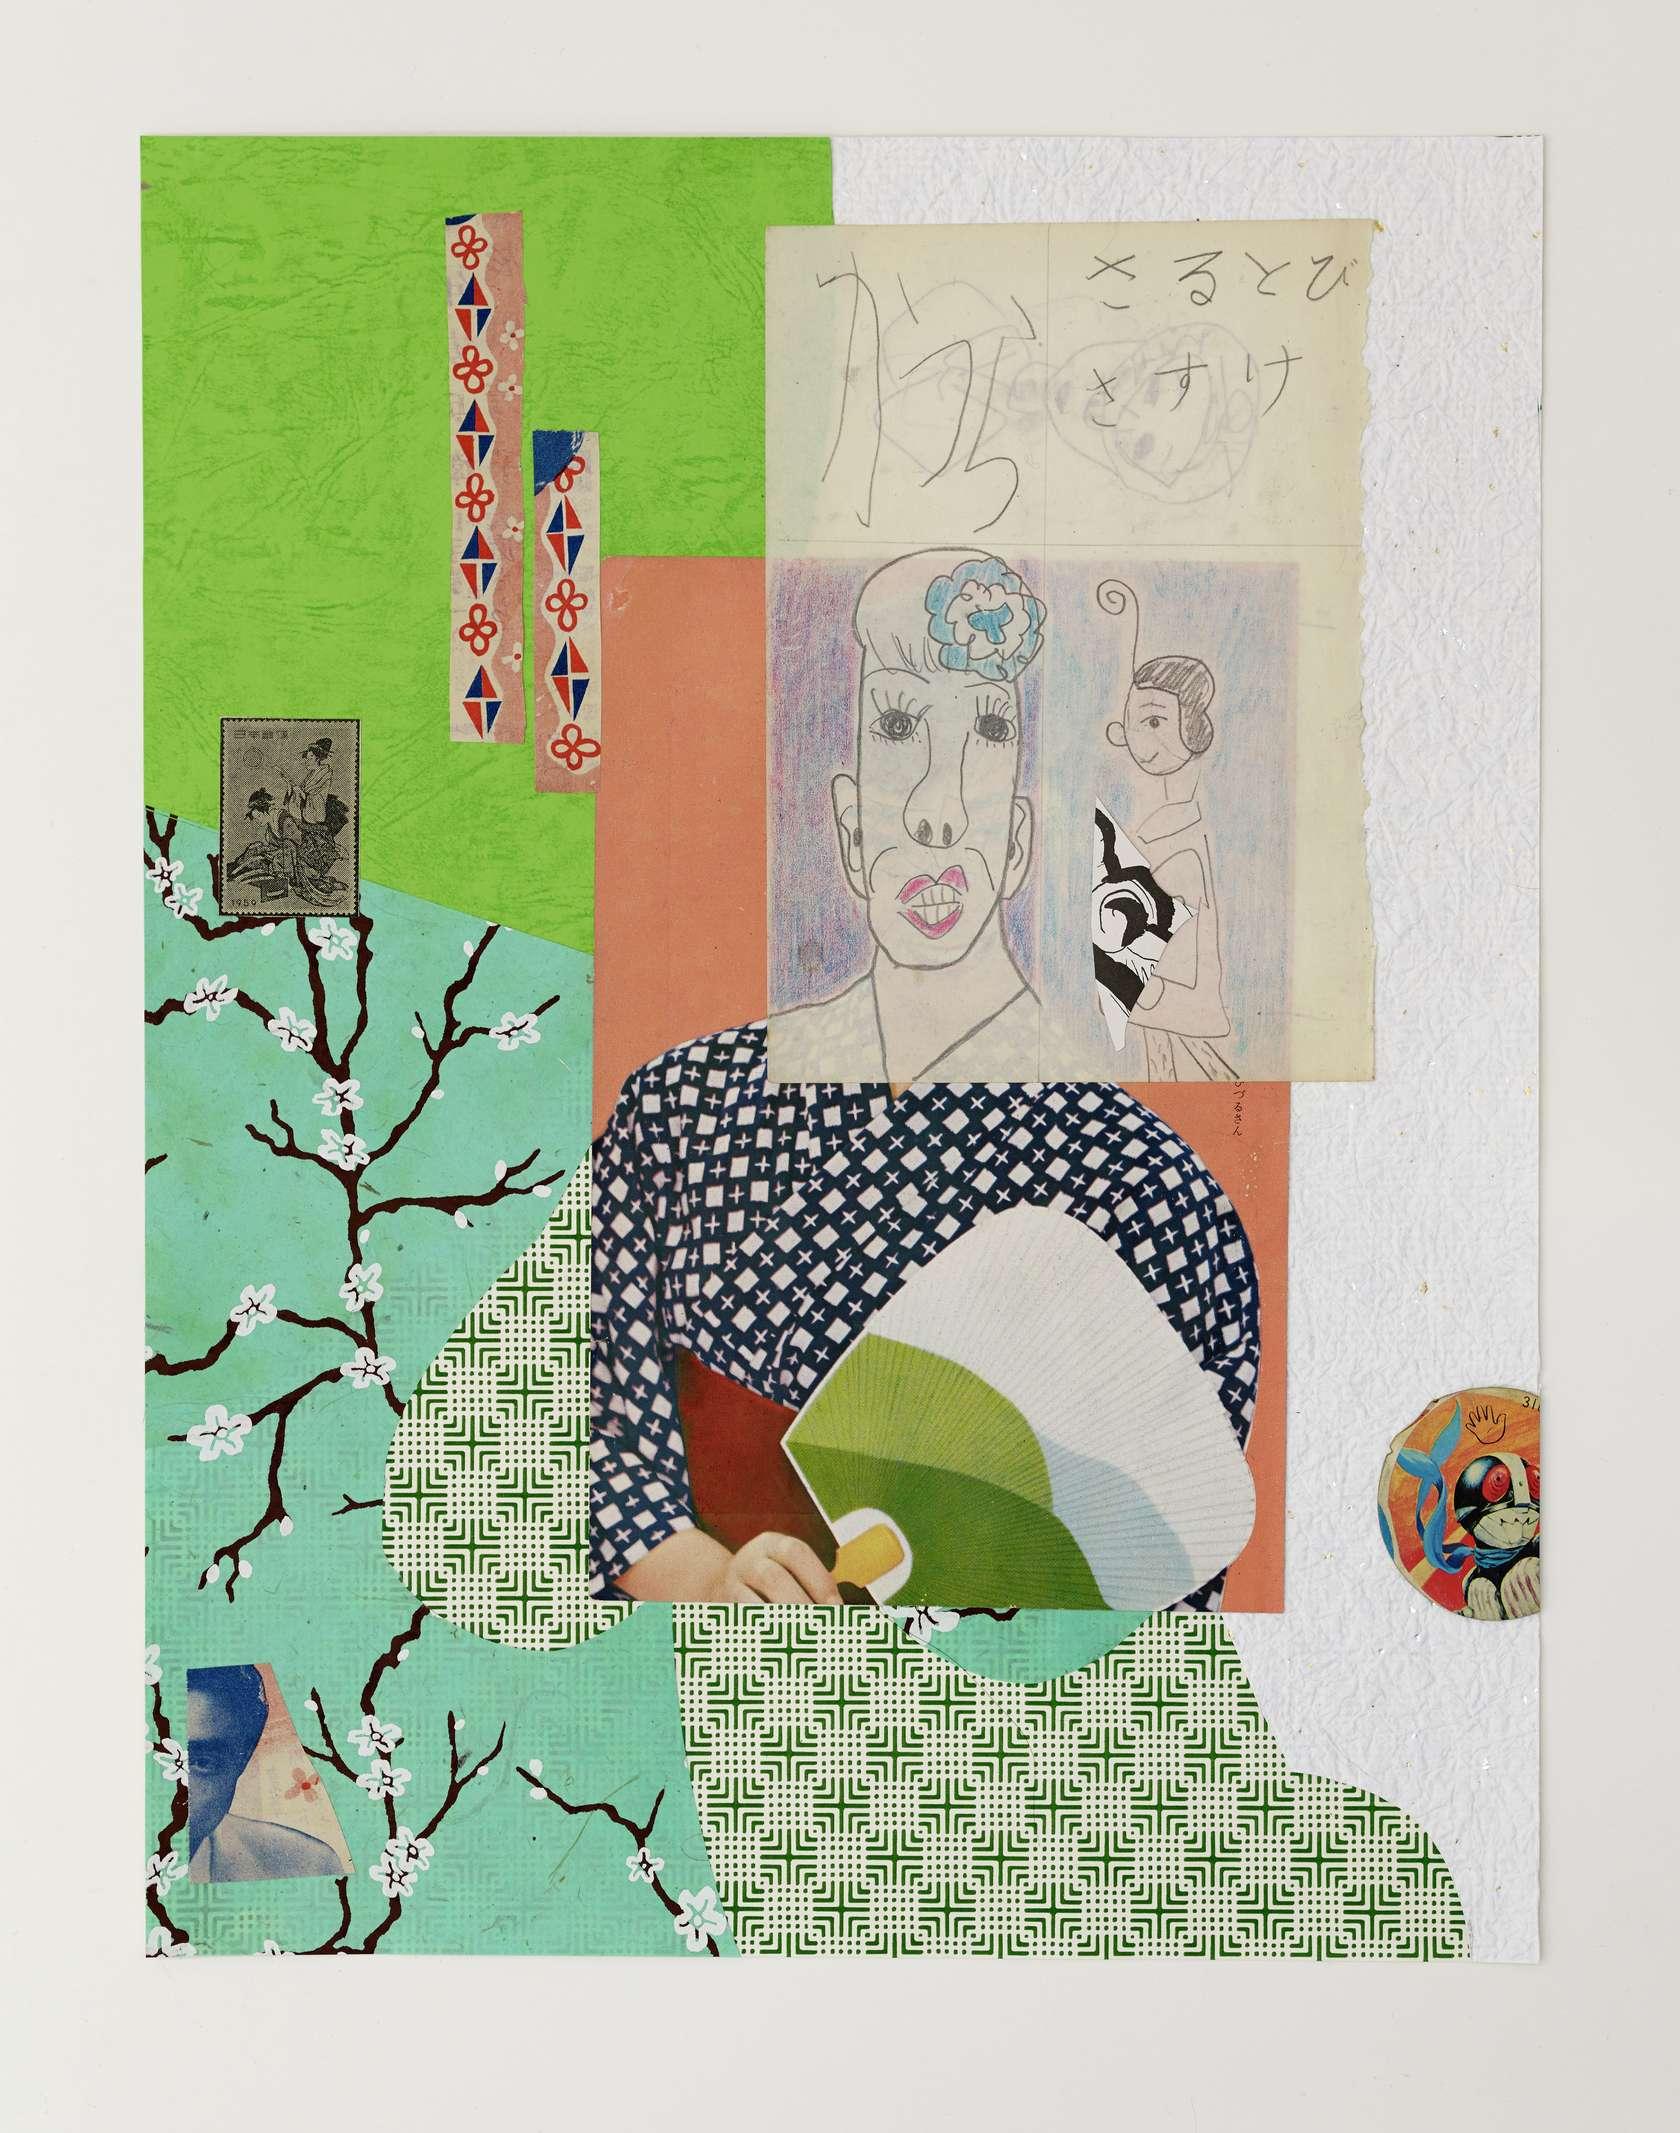 Hippolyte Hentgen, Sanjo Dori, 2019 Collage sur papier44 x 34 cm / 17 3/8 x 13 3/8 inches